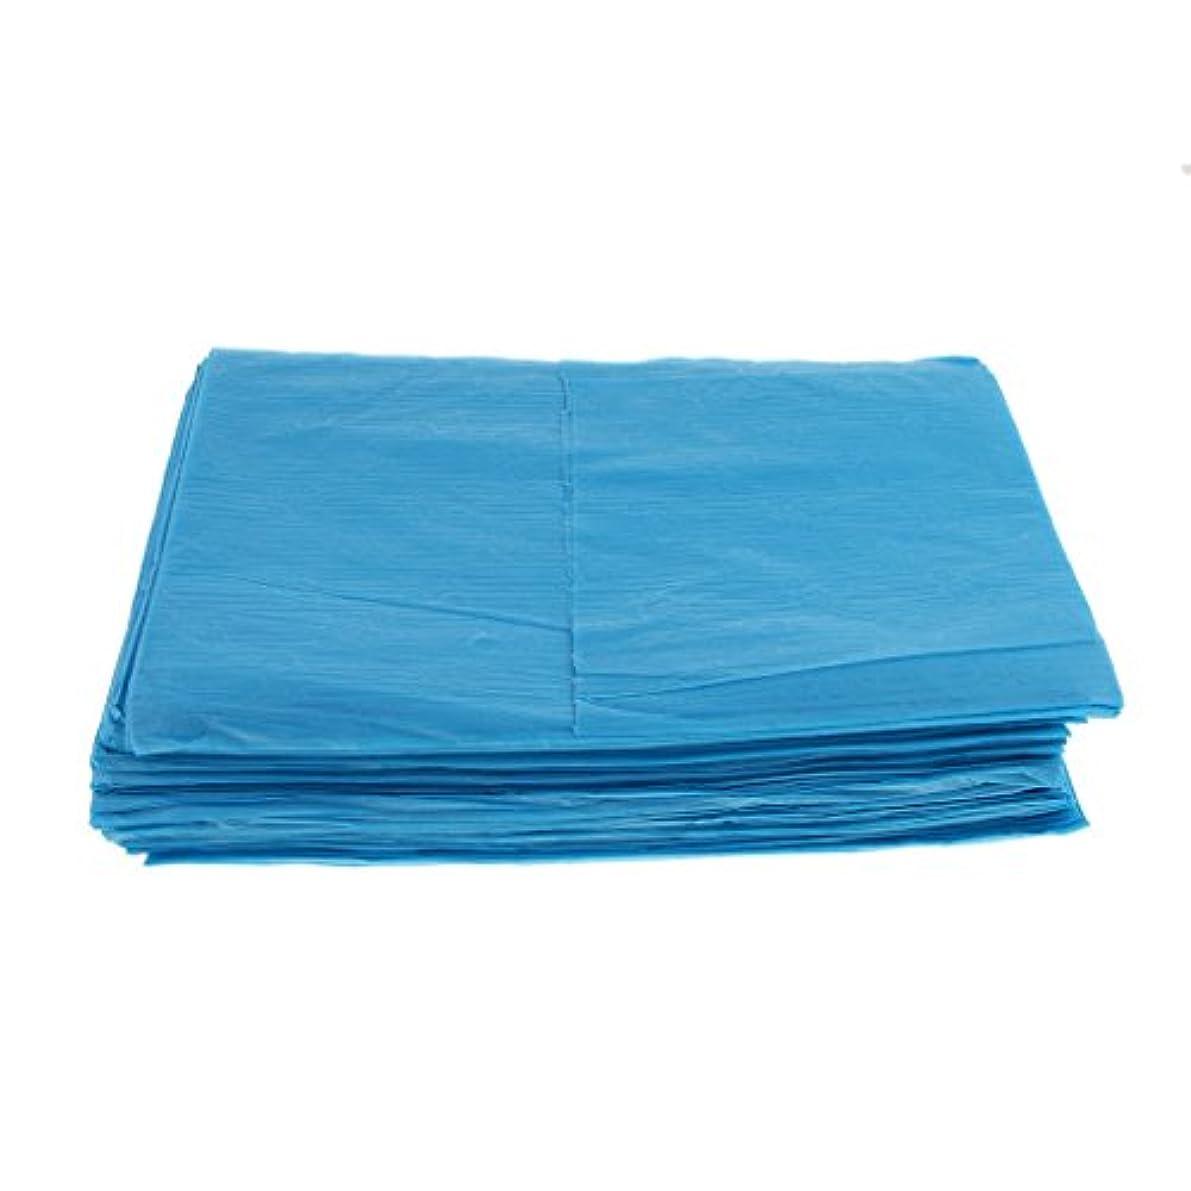 報奨金上へフルート10枚 使い捨て ベッドシーツ サロン ホテル ベッドパッド カバー シート 2色選べ - 青